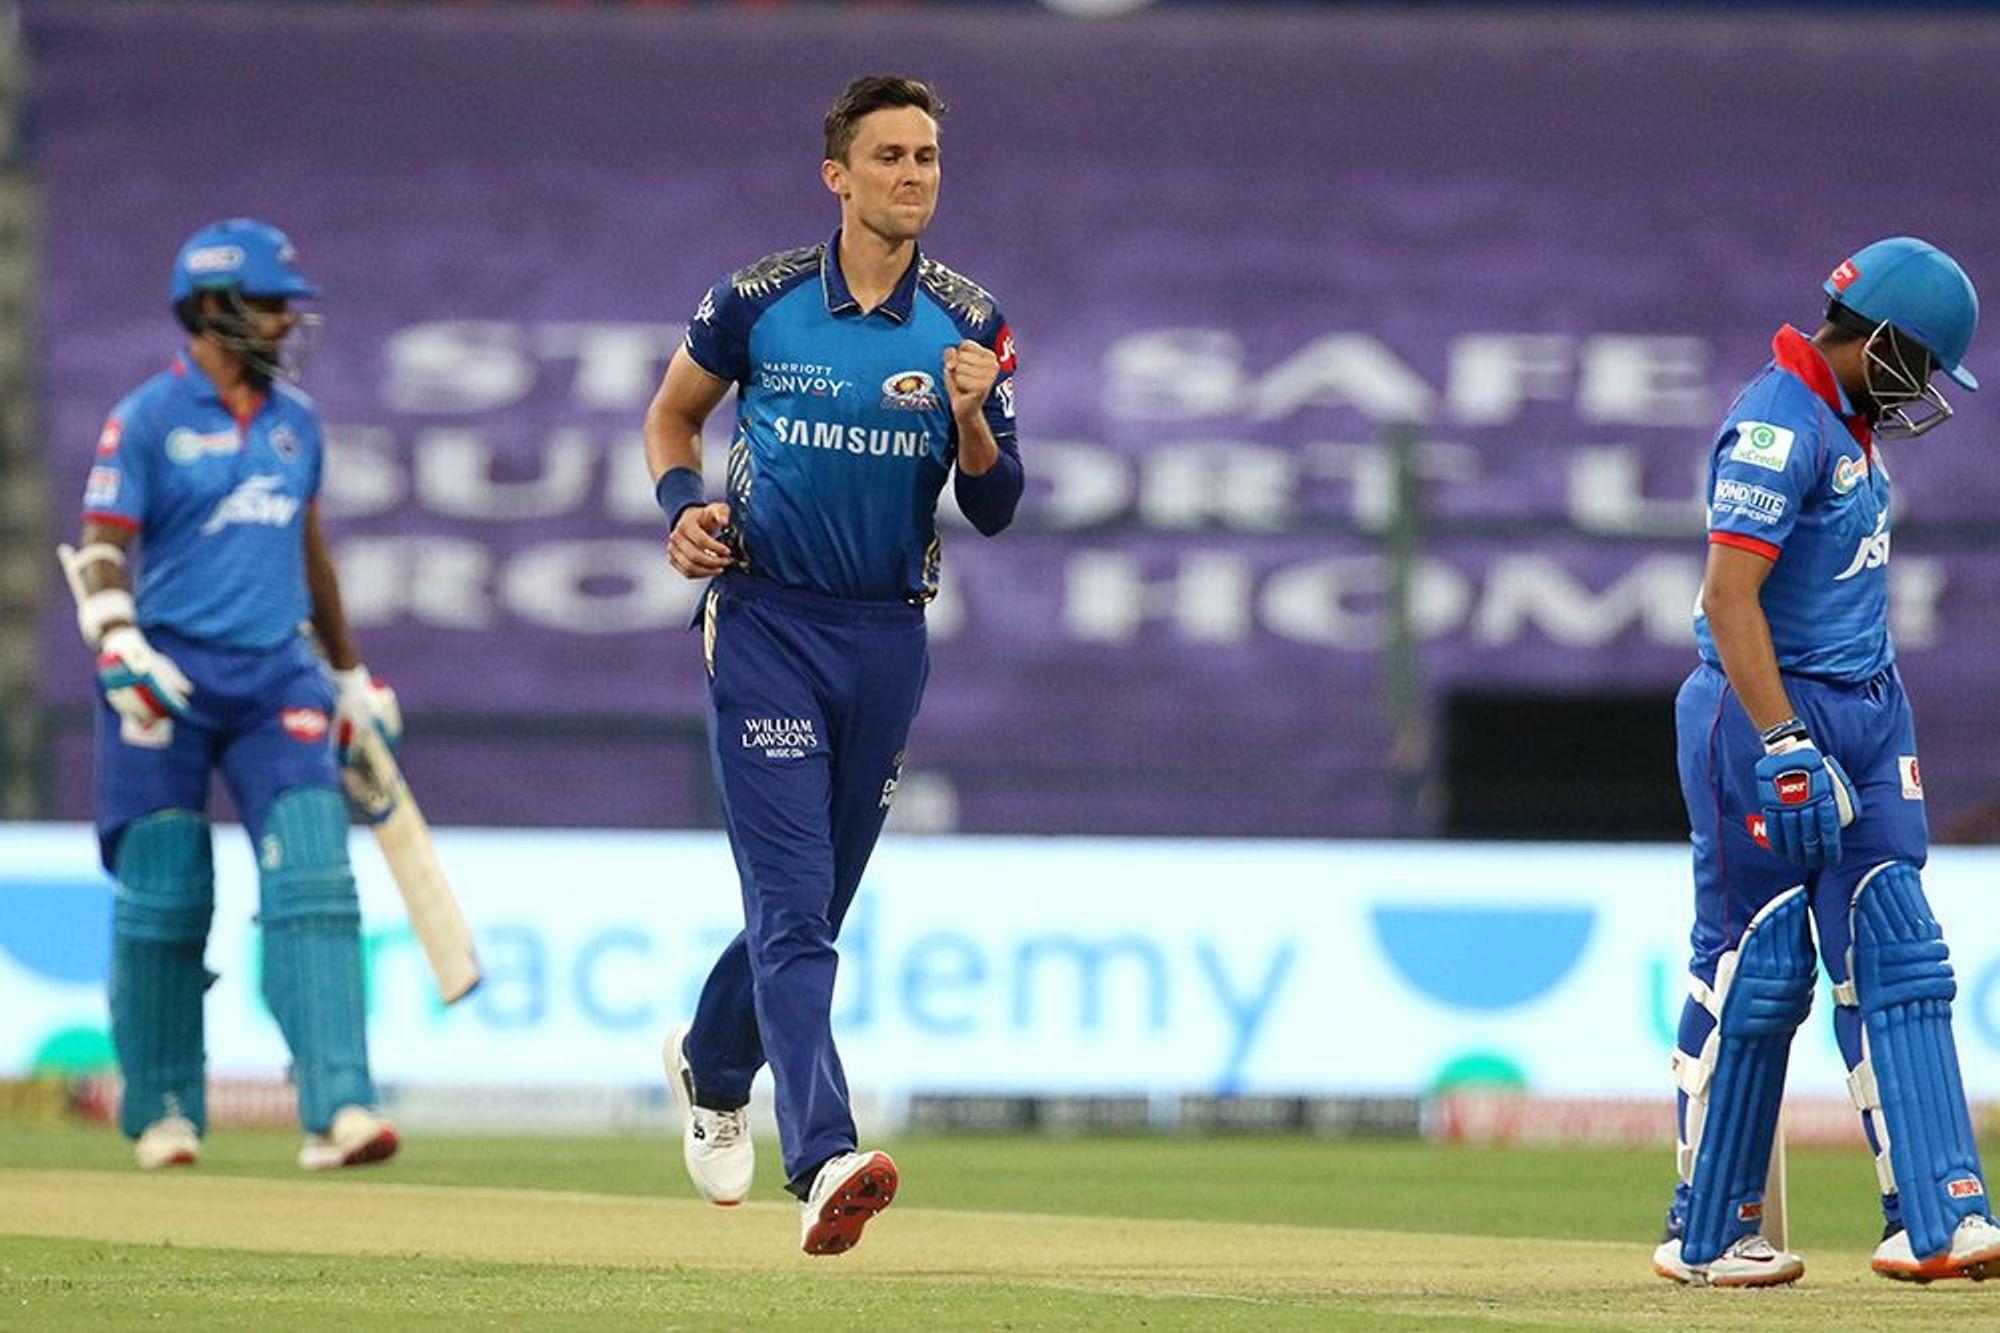 क्या ट्रेंट बोल्ट नहीं होंगे टेस्ट चैम्पियनशिप फाइनल का हिस्सा? लौटे भारत से सीधे स्वदेश 2